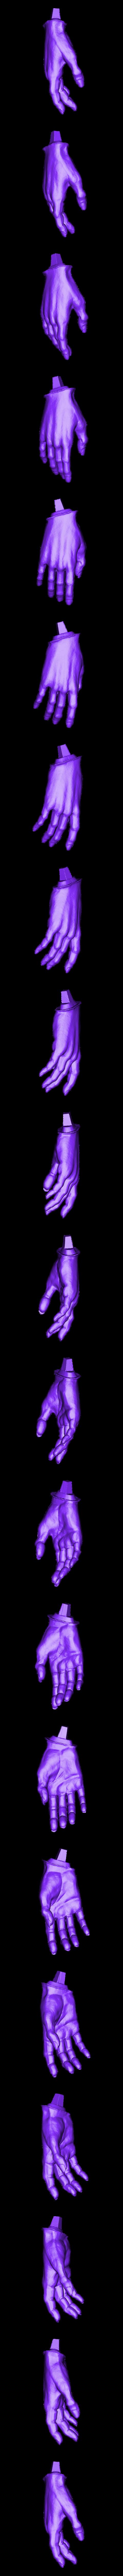 Wrist (repaired).stl Télécharger fichier STL gratuit Chasseur noir • Design imprimable en 3D, al3x